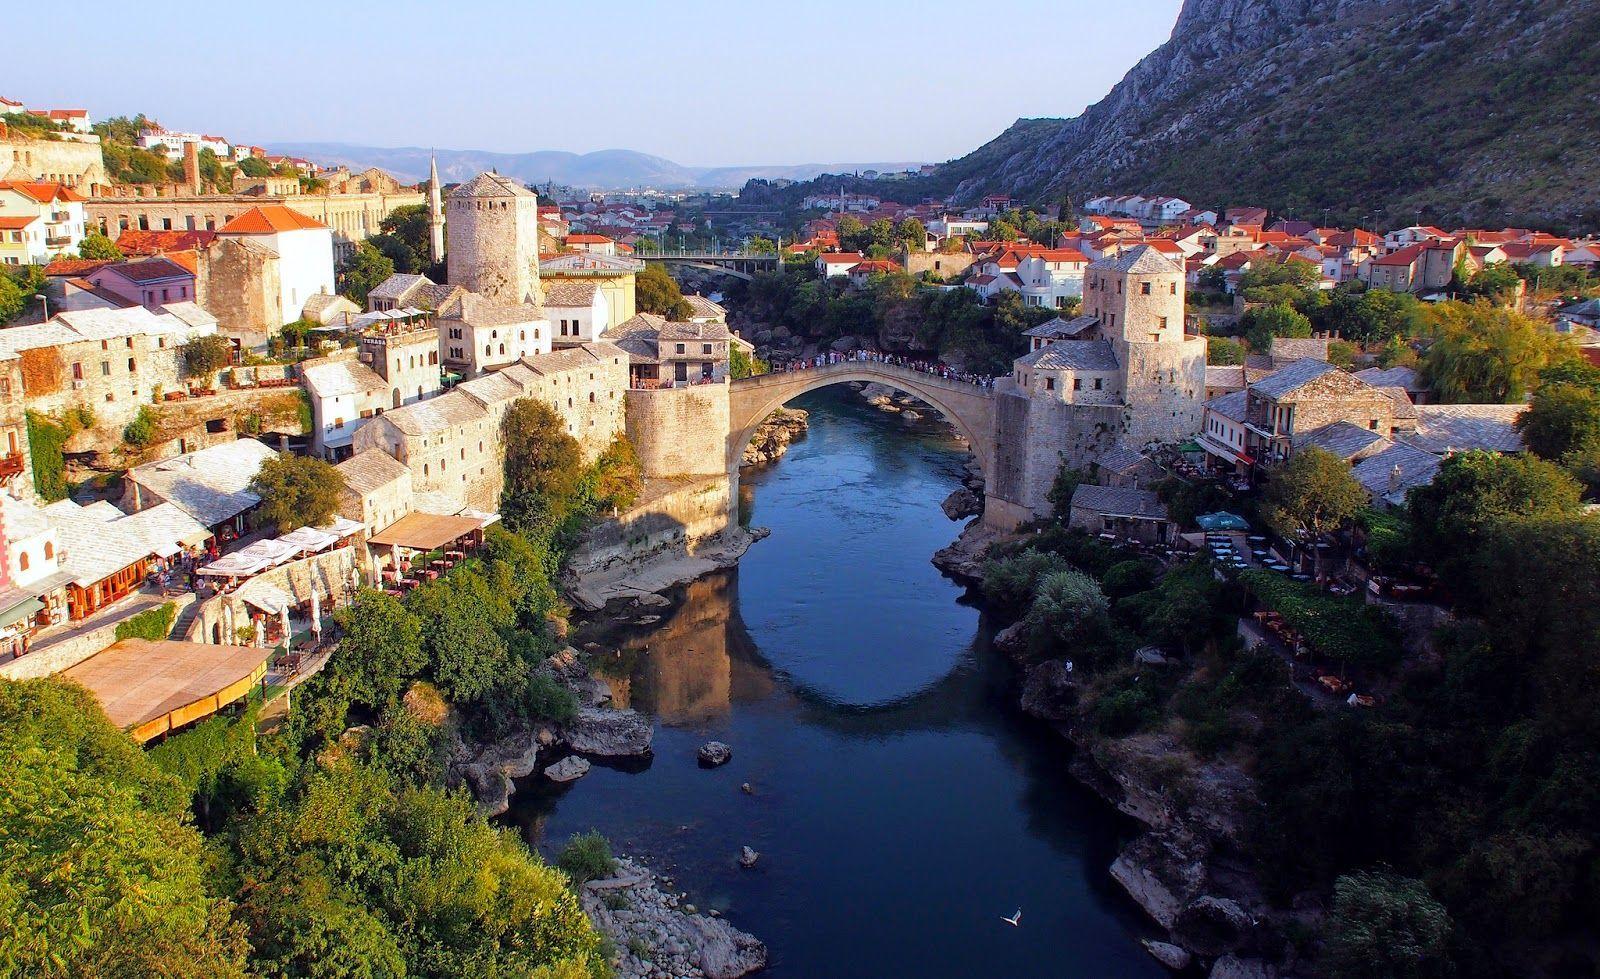 A veces la capital no es lo más turístico en un país. ¿A qué ciudad turística pertenece el puente de esta fotografía?